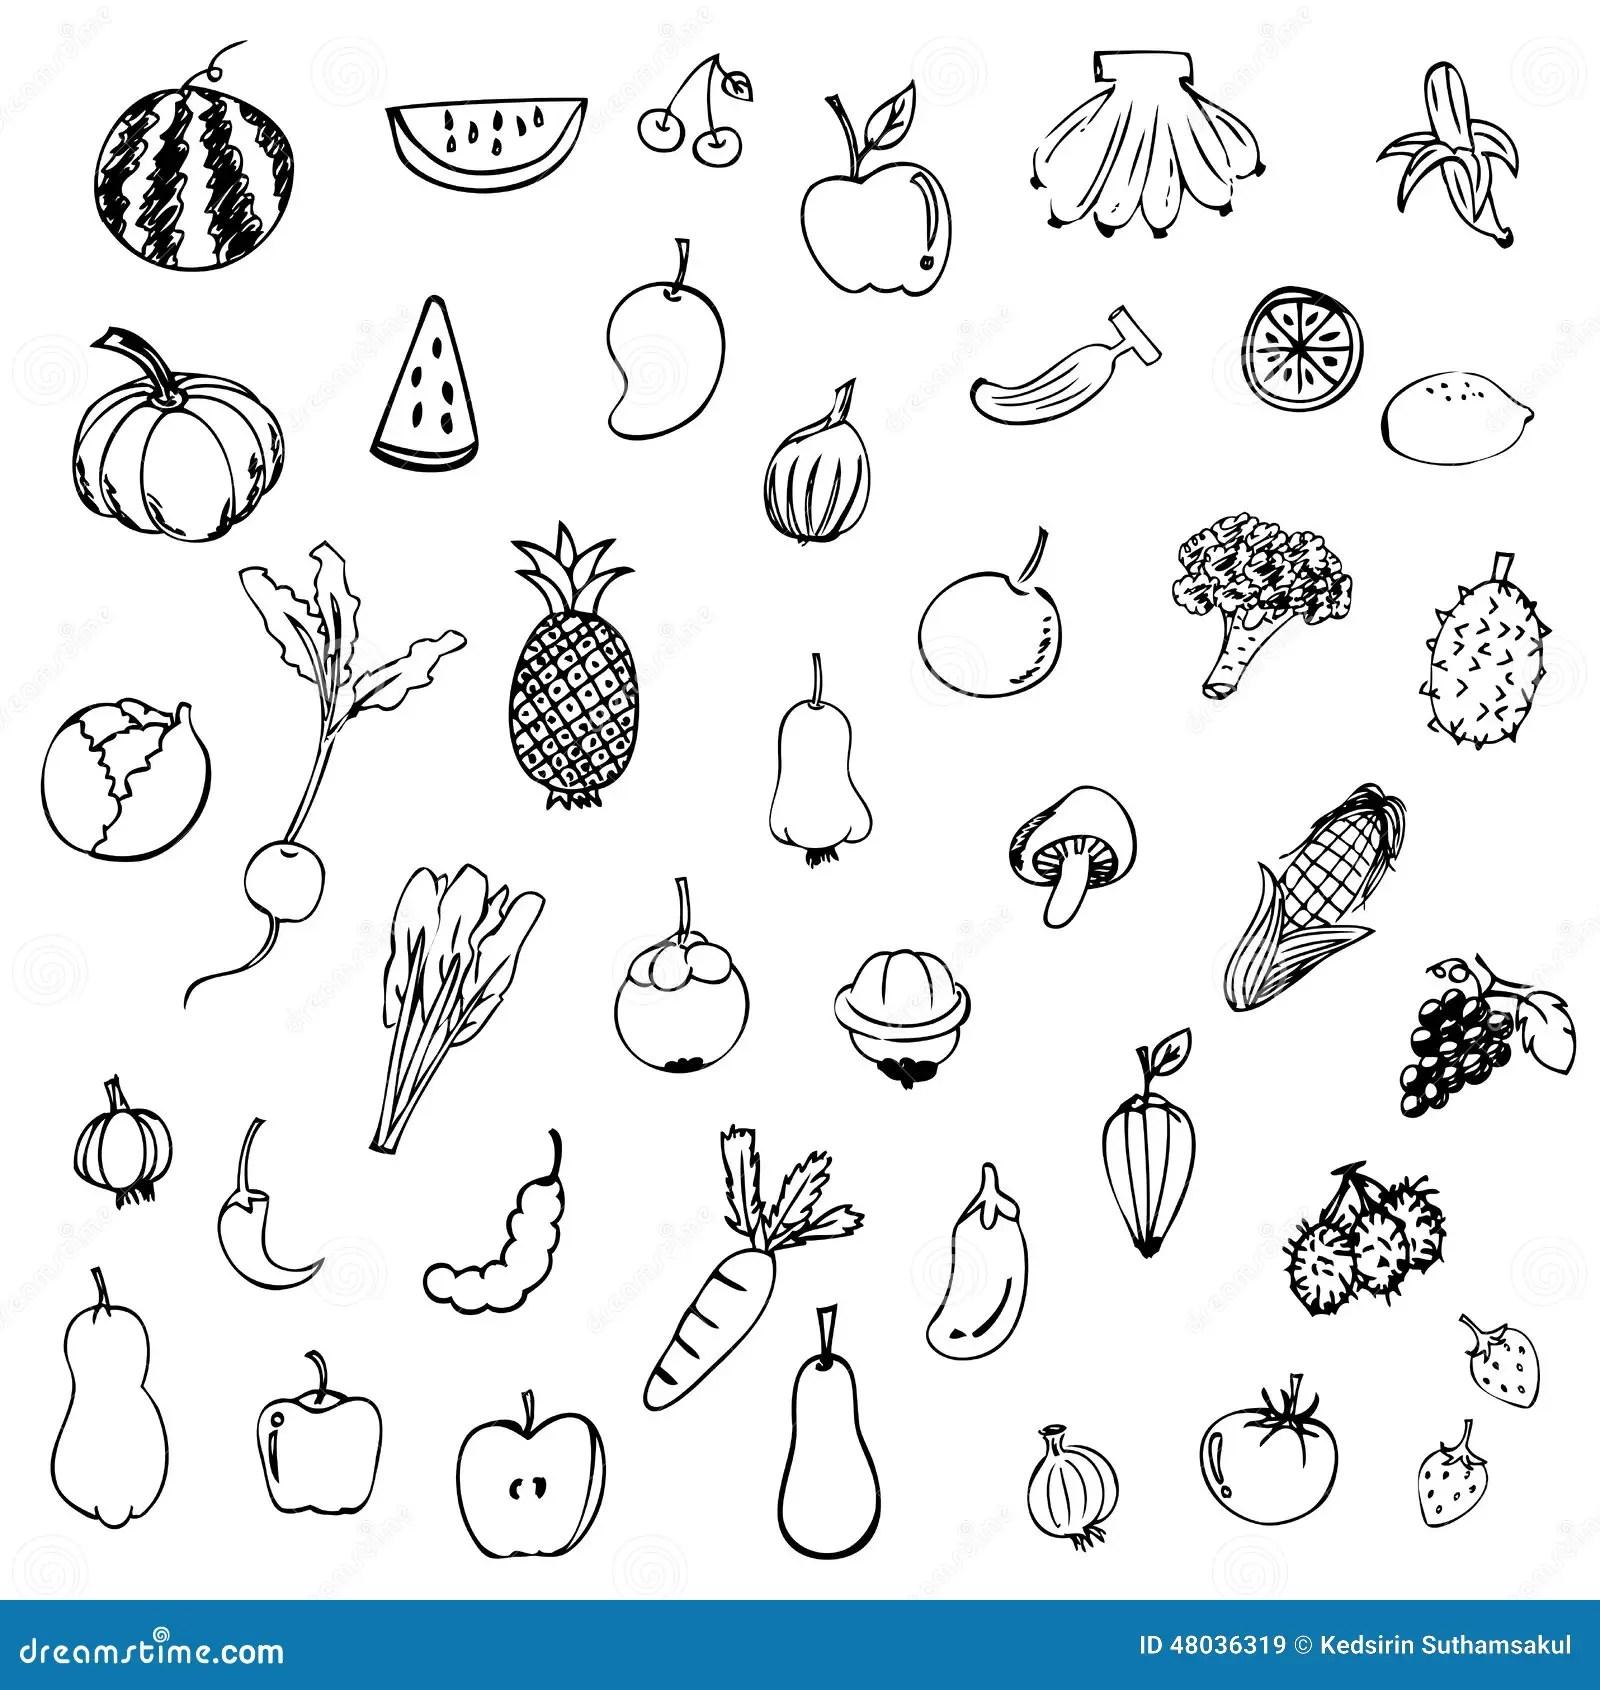 Vecteur De Croquis De Fruits Et Legumes Dans Le